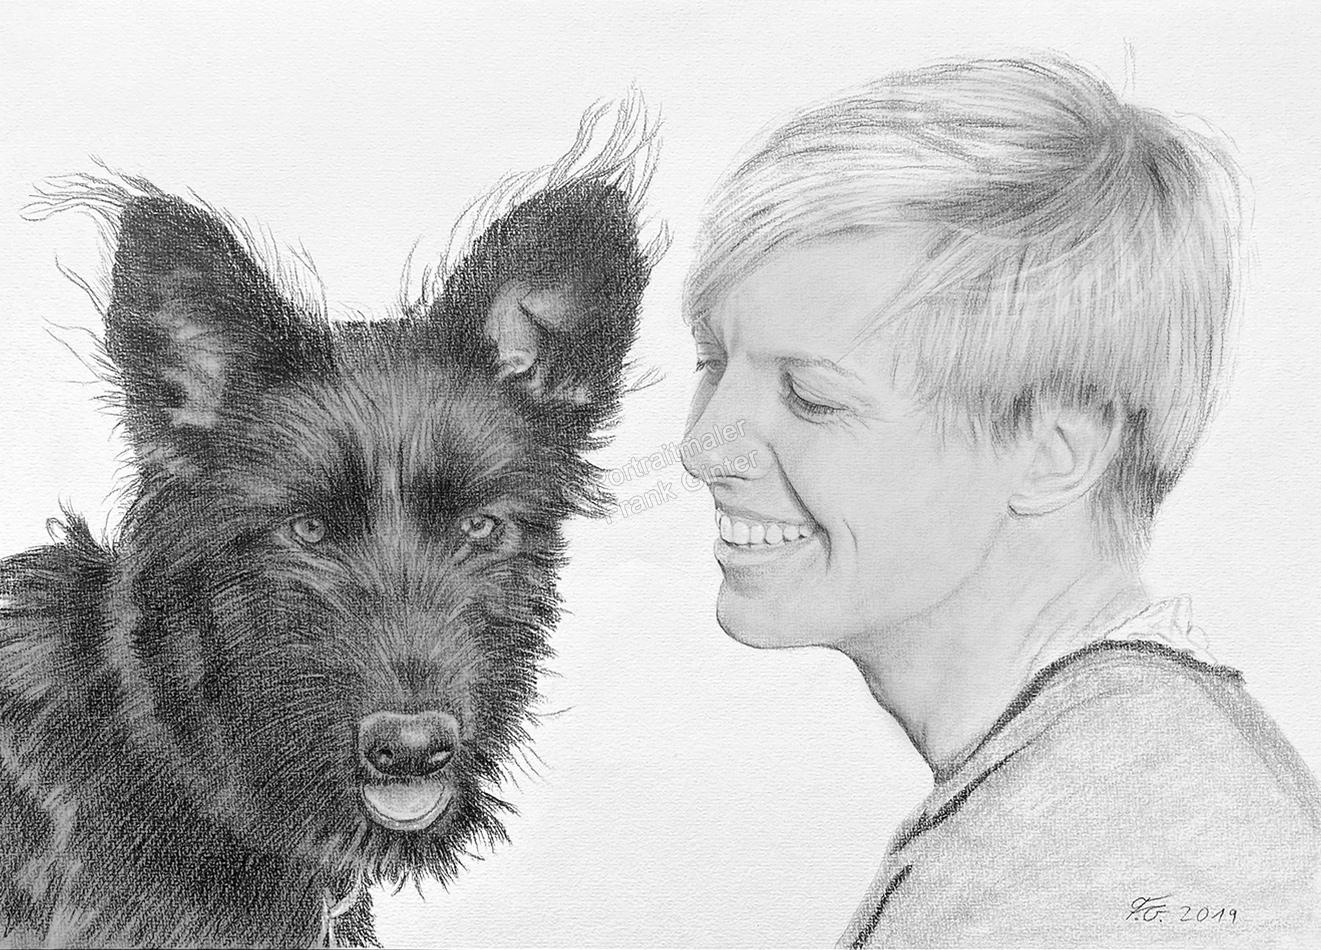 Bleistiftzeichnungen mit Hund und Herrchen, Tierzeichnungen, Hundezeichnungen mit Frau, Tierportraits mit Bleistiften, Hundebilder, Fotorealismus